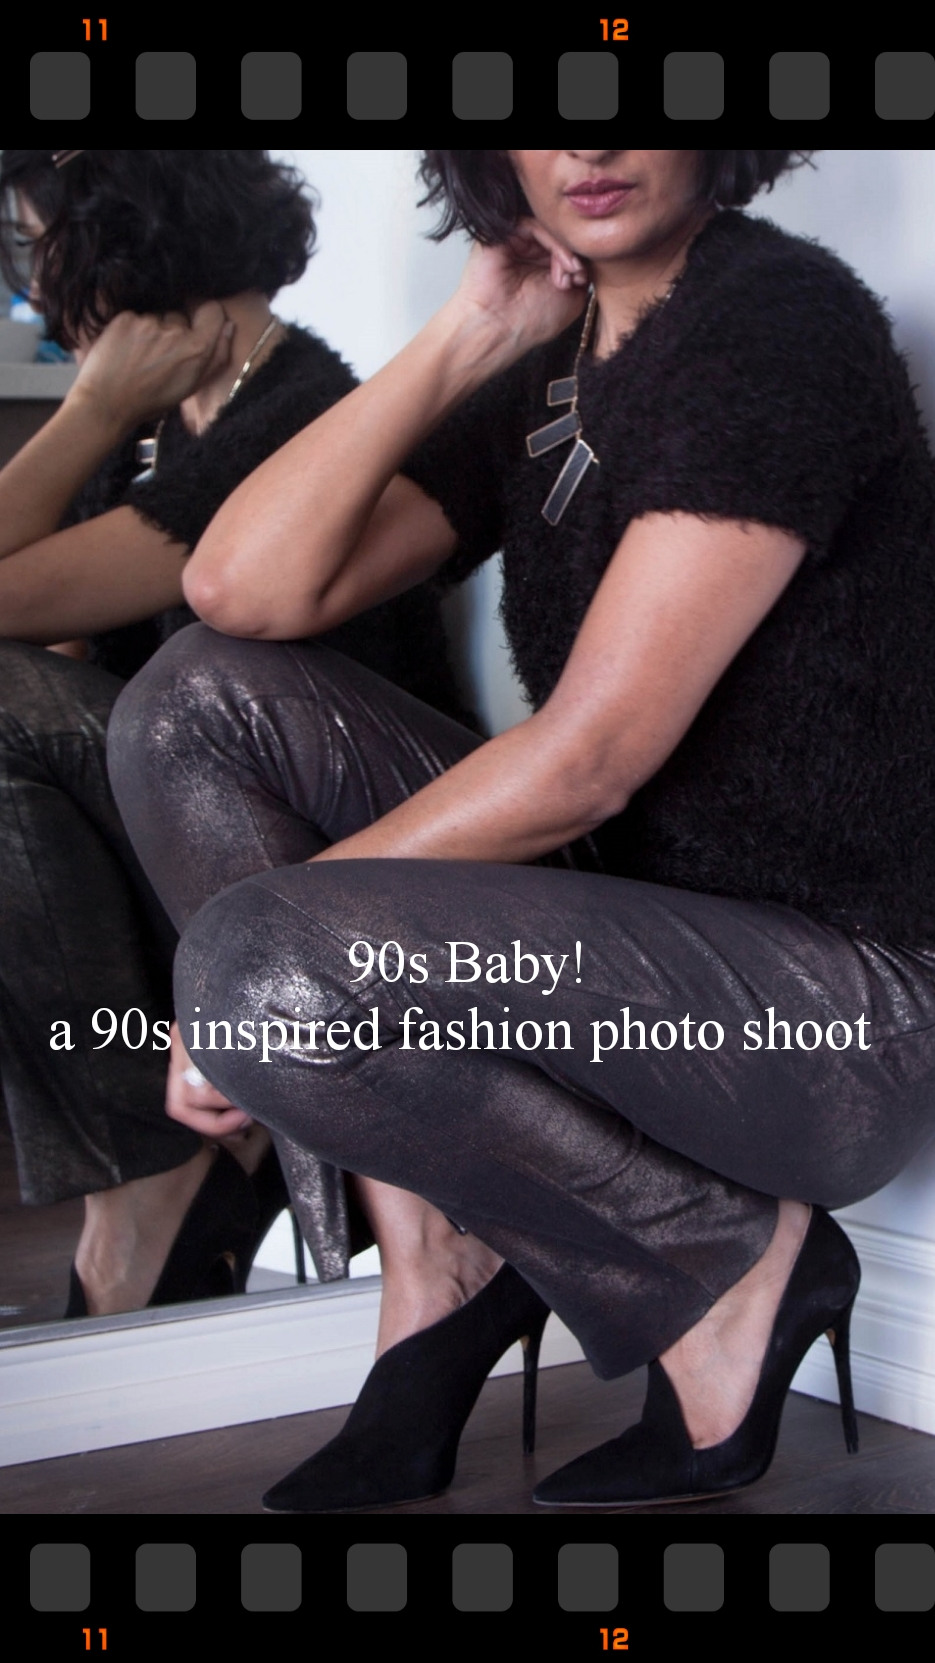 90 fashion photo shoot